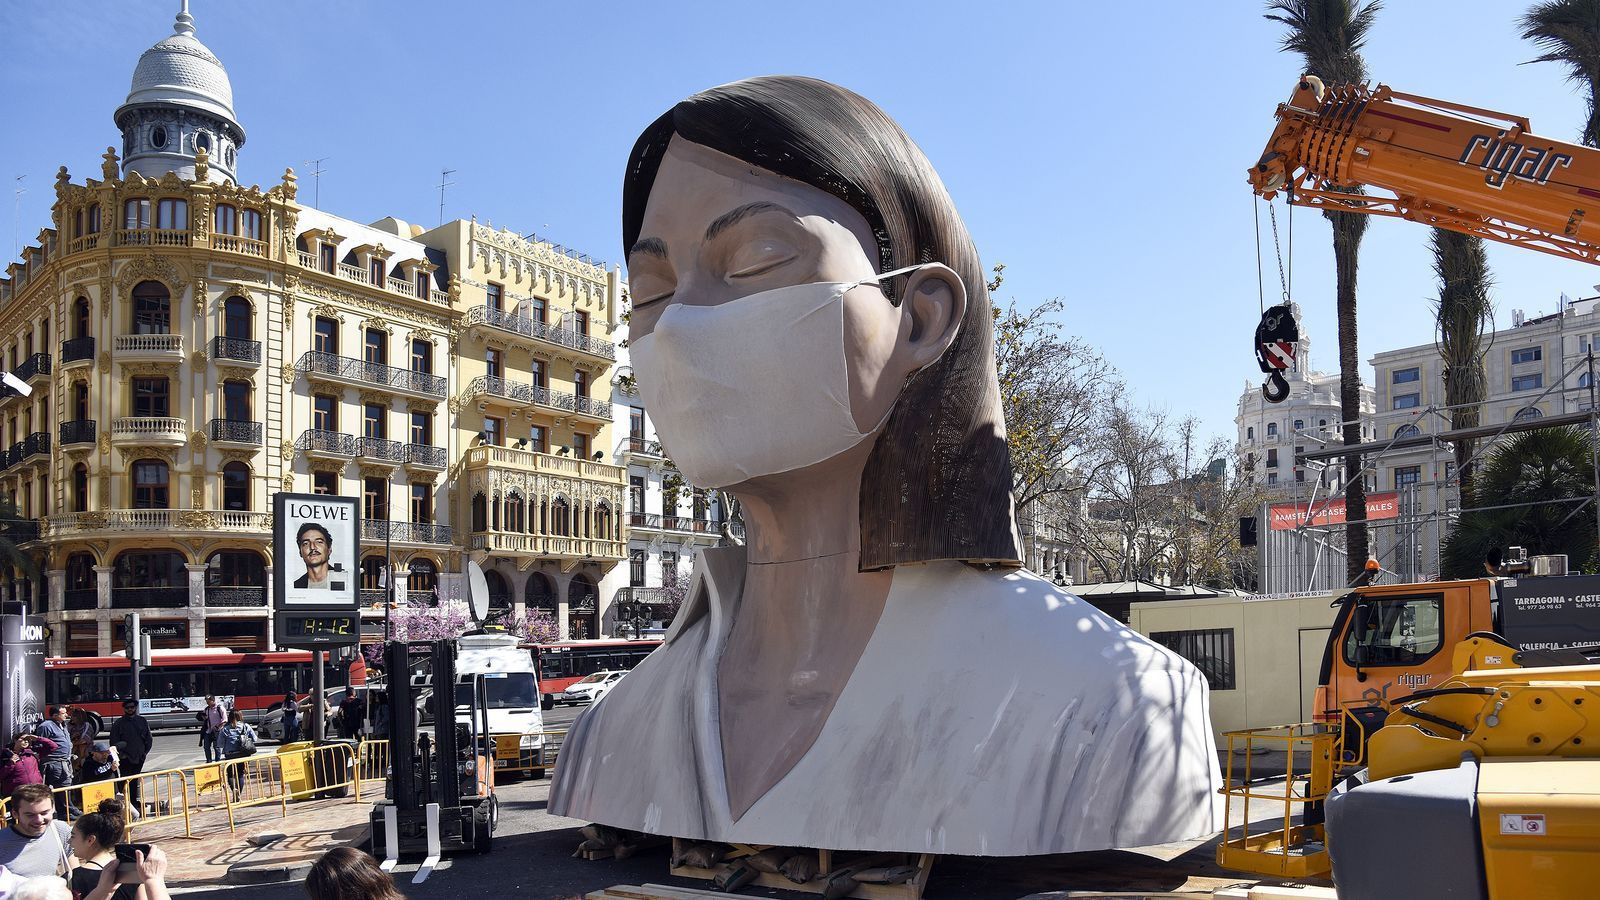 La figura principal del monument de la plaça de l'Ajuntament de València amb una màscara, després de l'ajornament inicial de les Falles a causa de l'epidèmia de coronavirus